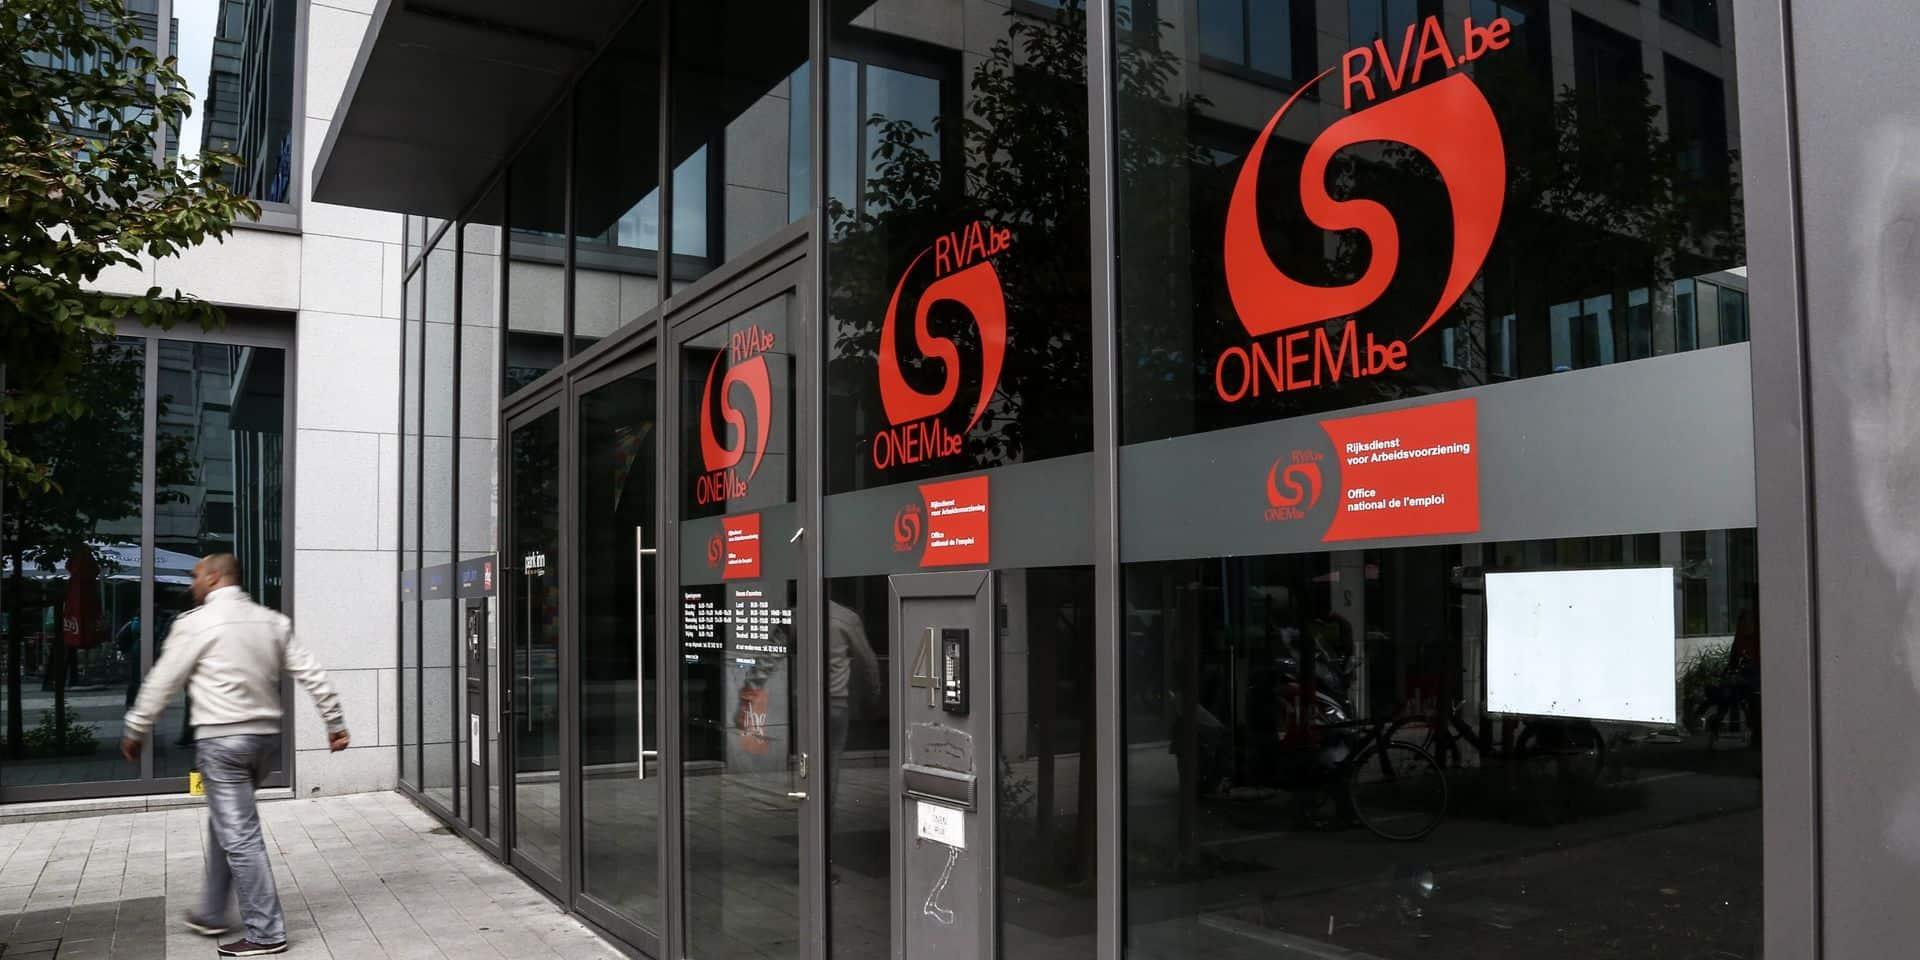 Territoires zéro chômeur: jusqu'à 3.000 euros d'économie par personne à Bruxelles